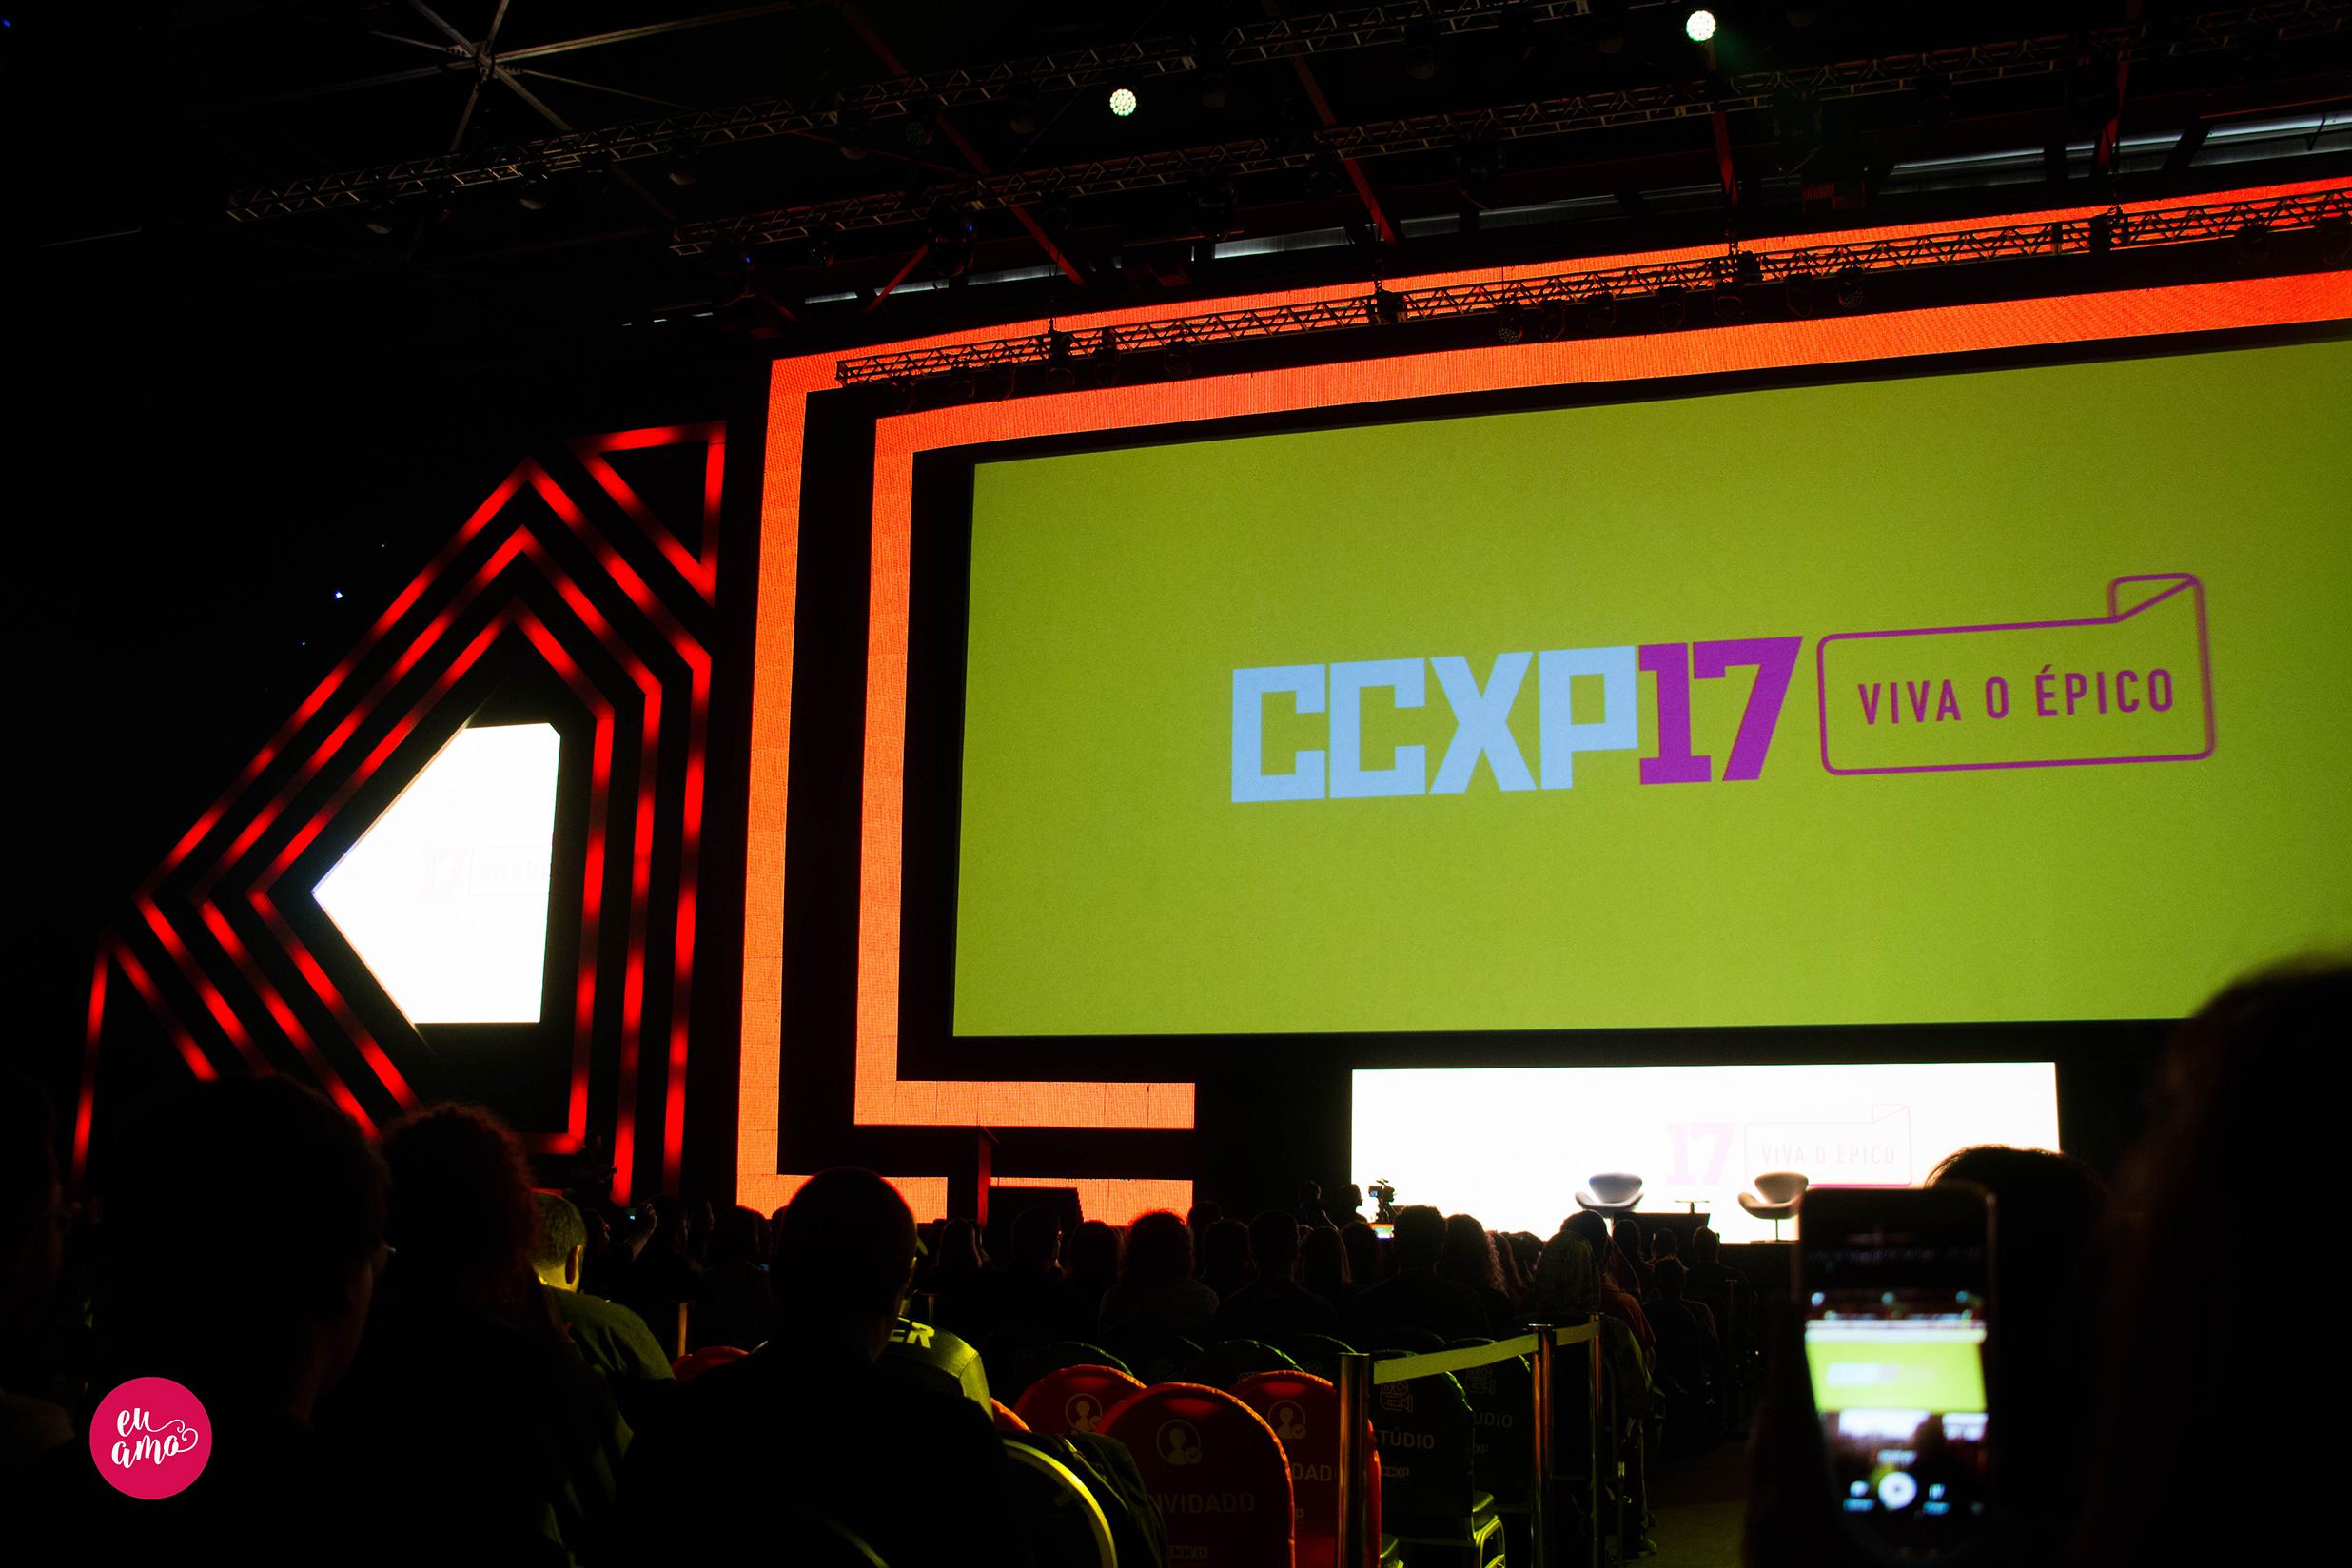 Eu Amo na CCXP 2017: Nem tão épico assim